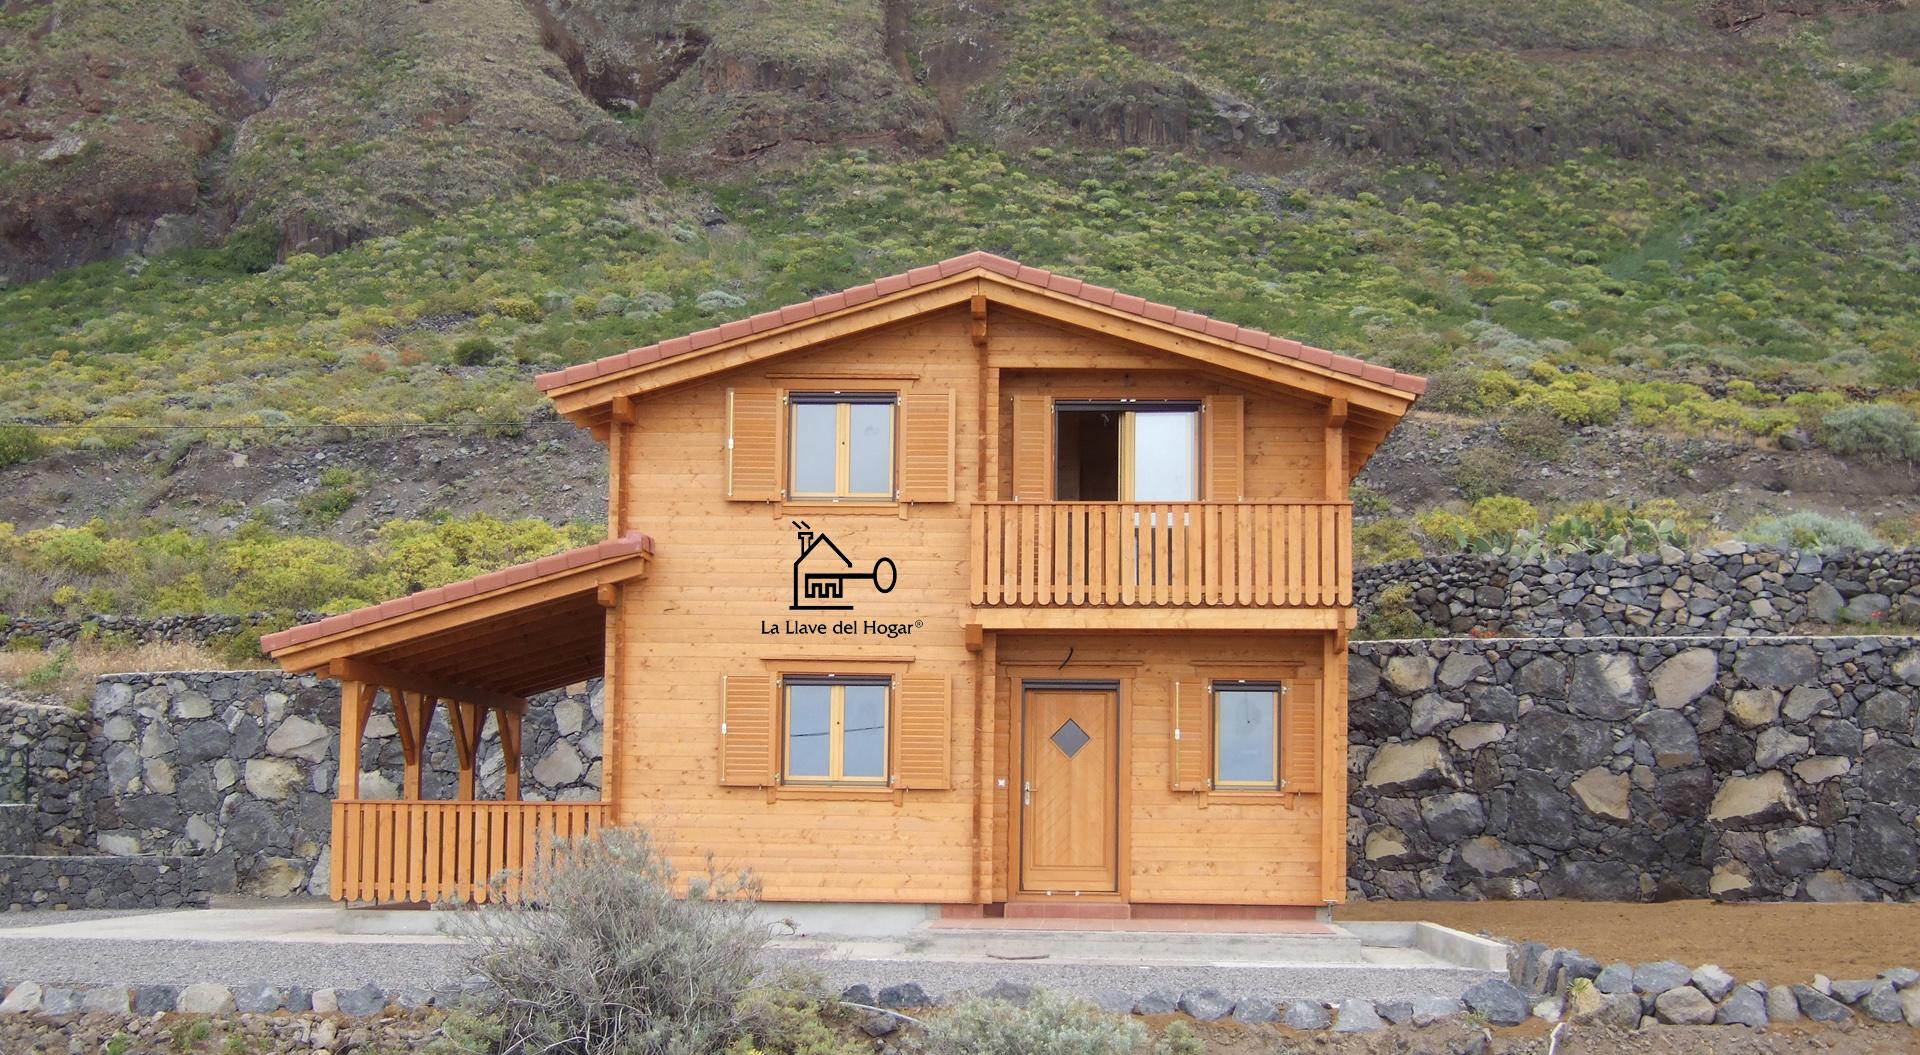 Pe alara 140m casas de madera la llave del hogar - La llave del hogar ...